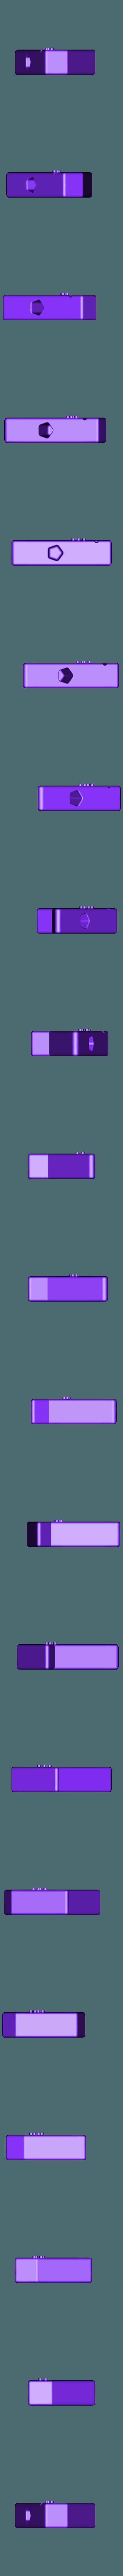 T.stl Télécharger fichier STL gratuit Bateau Fittle Puzzle • Design pour impression 3D, Fittle